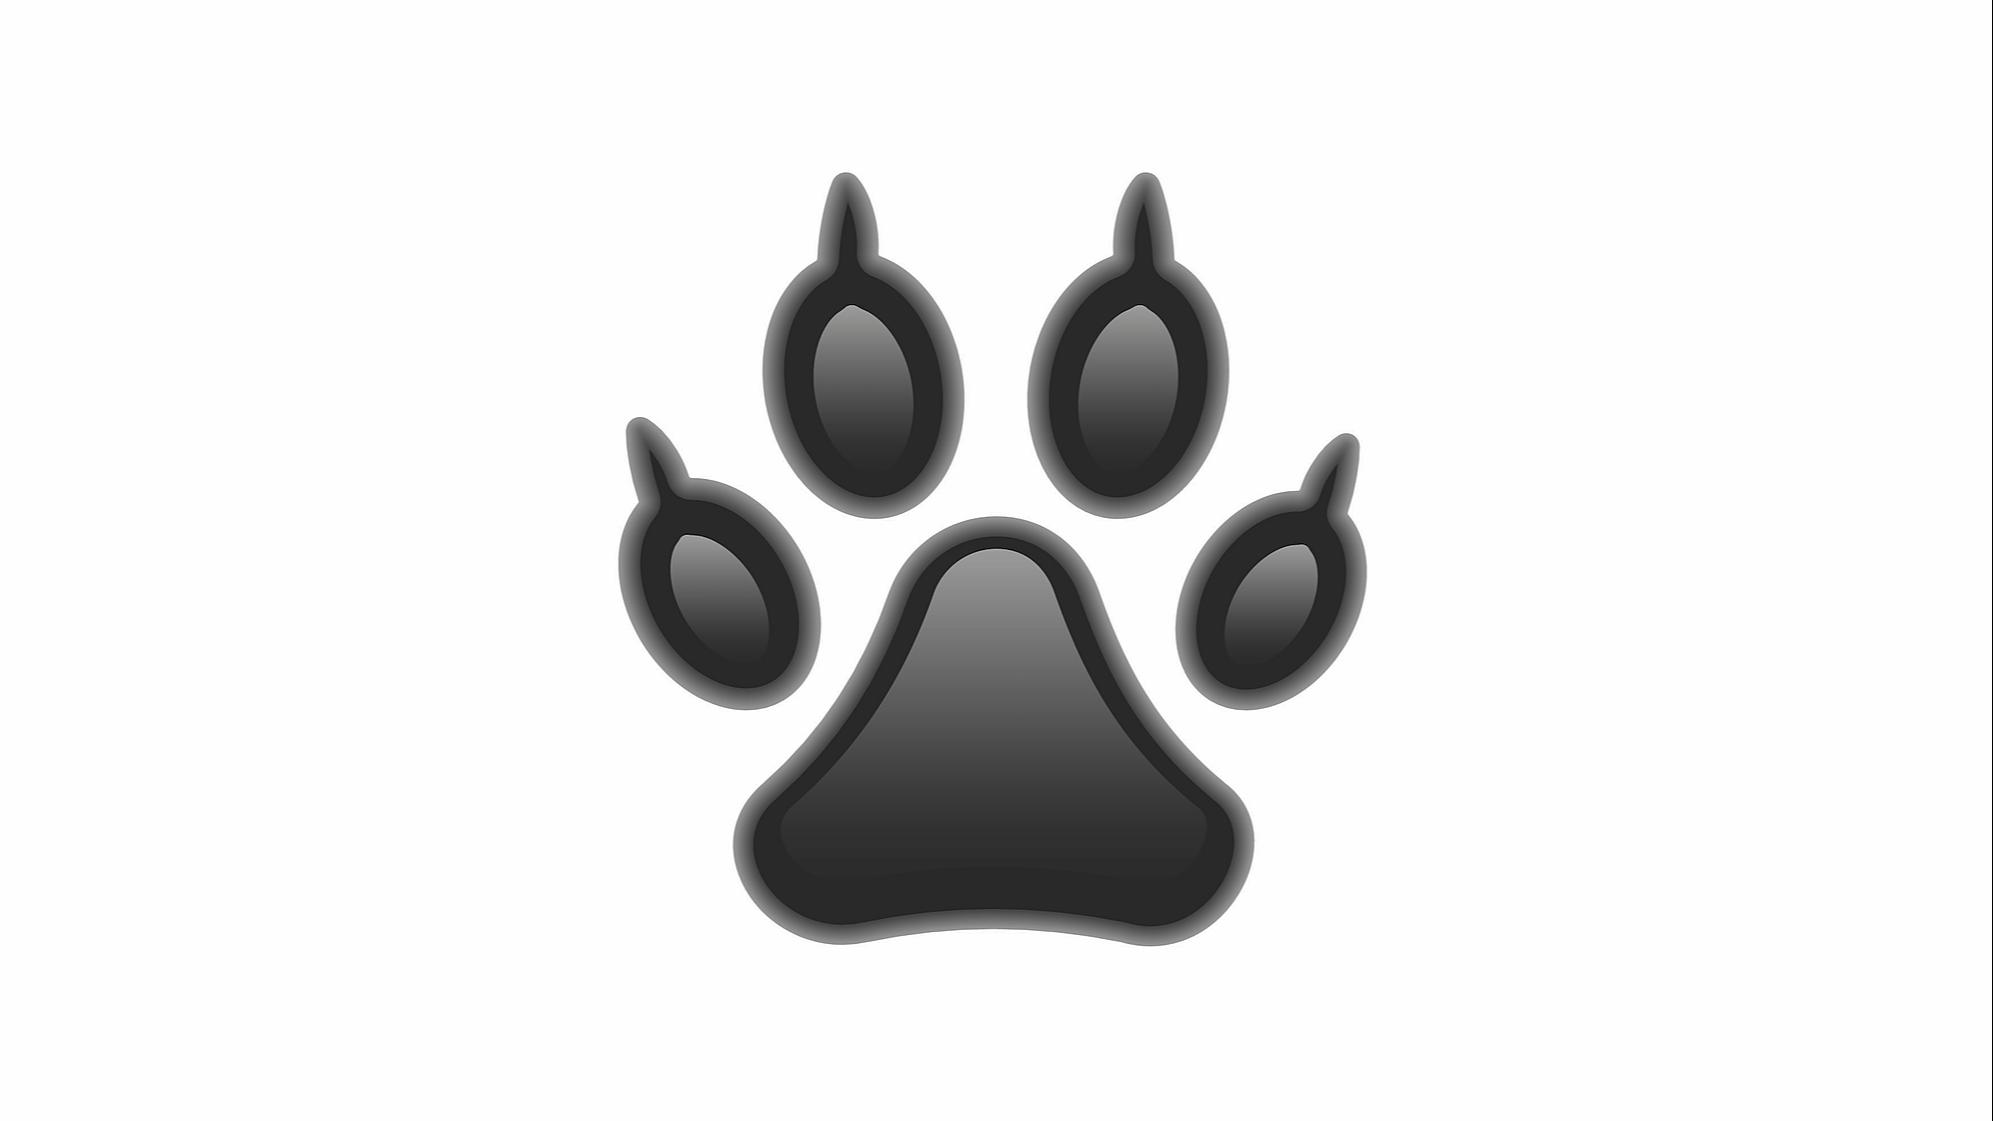 Représentation de la formation : FORMATION RISQUES CANINS - Atelier de prévention canine - 1 jour - Présentiel